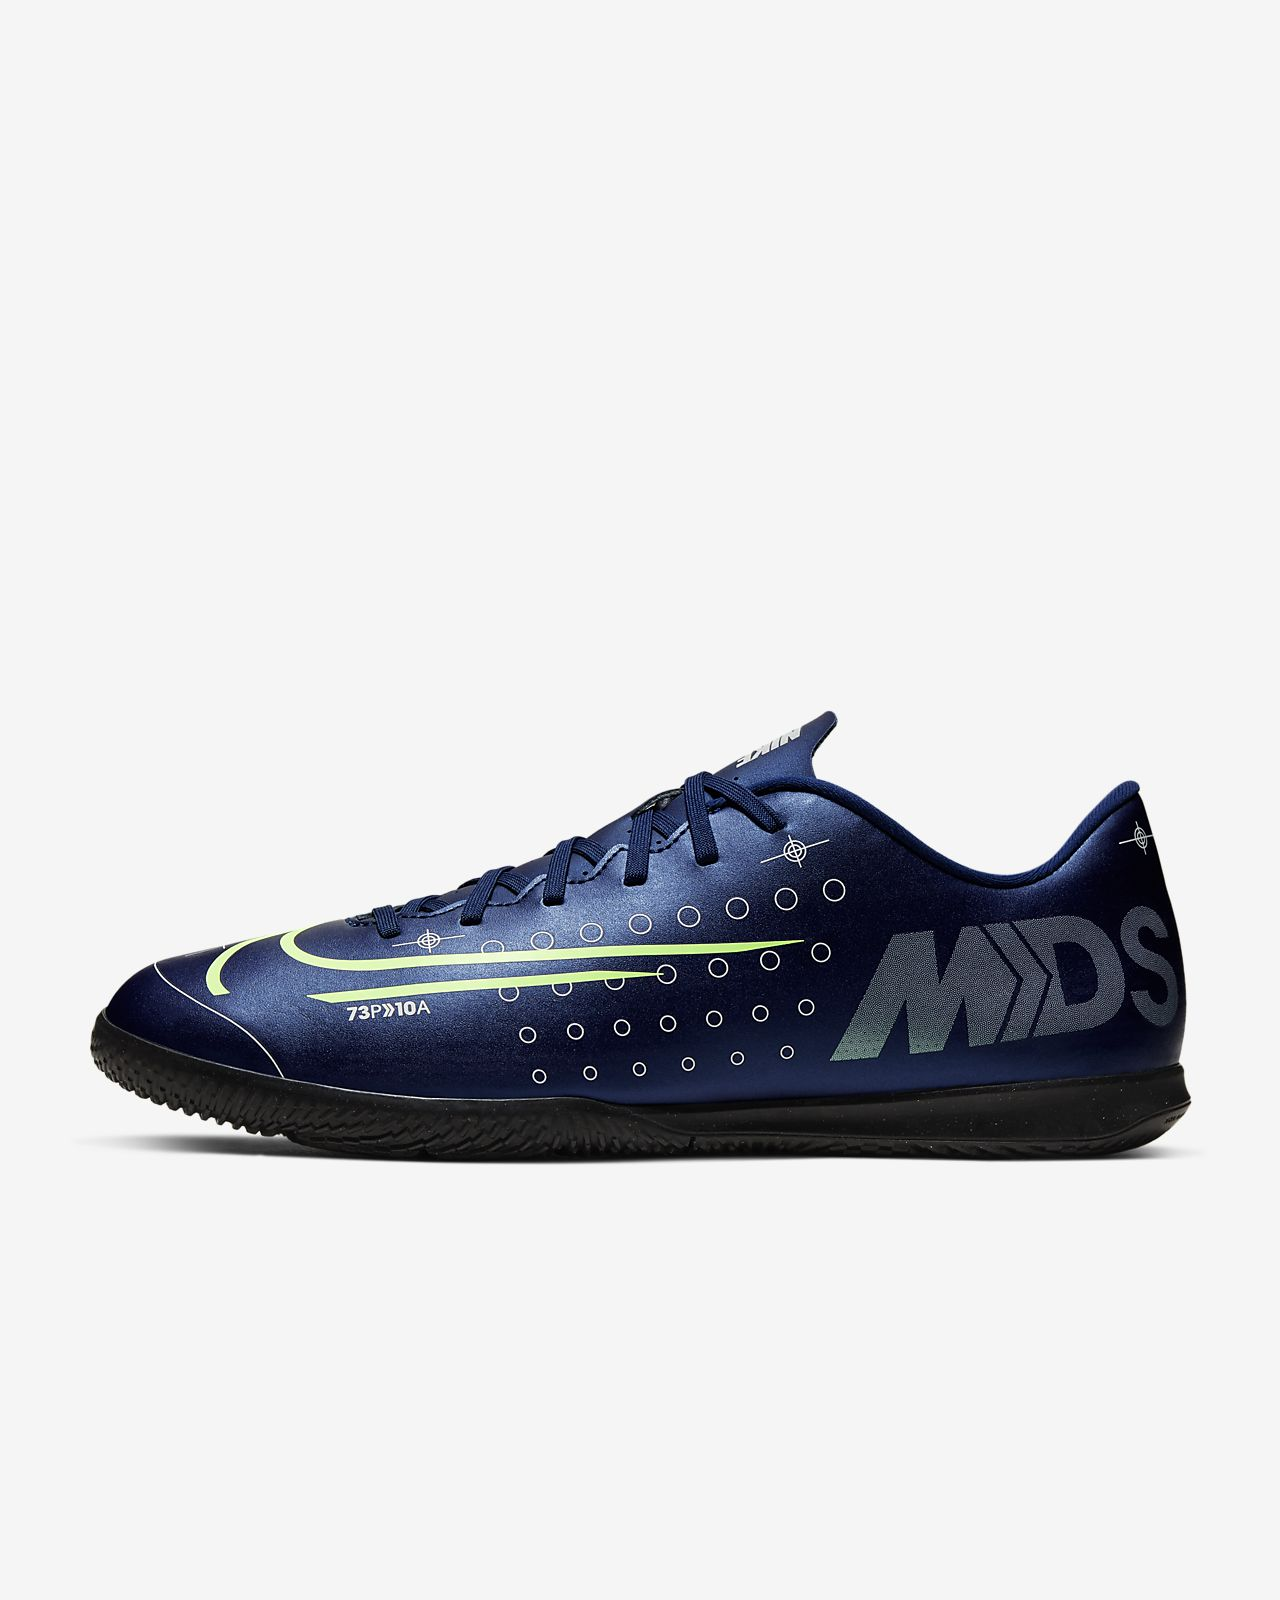 Fotbollssko Nike Mercurial Vapor 13 Club MDS IC för inomhusplan/futsal/street